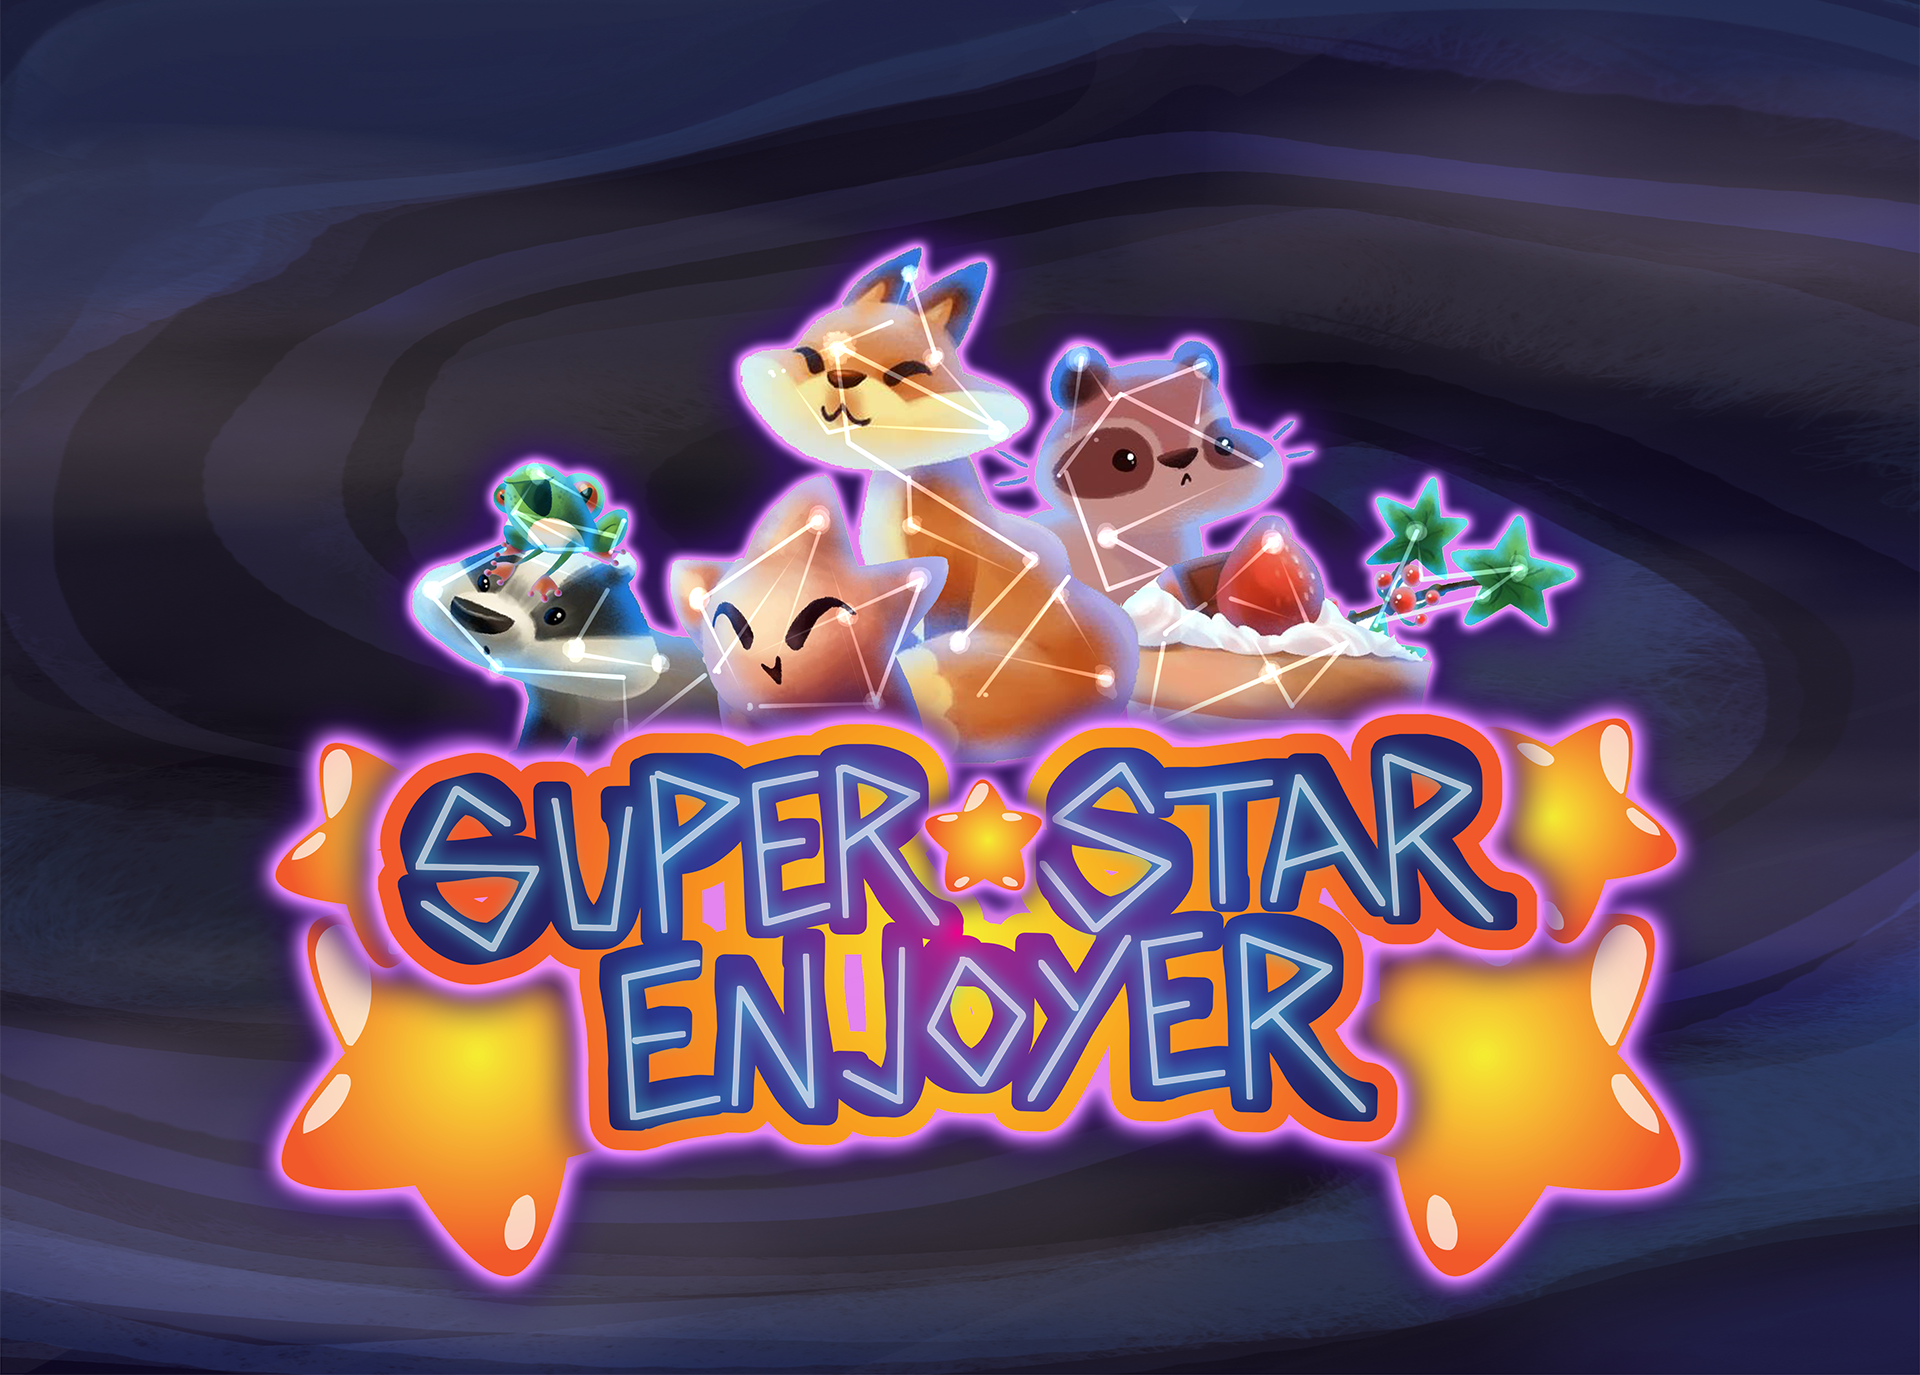 Super Star Enjoyer